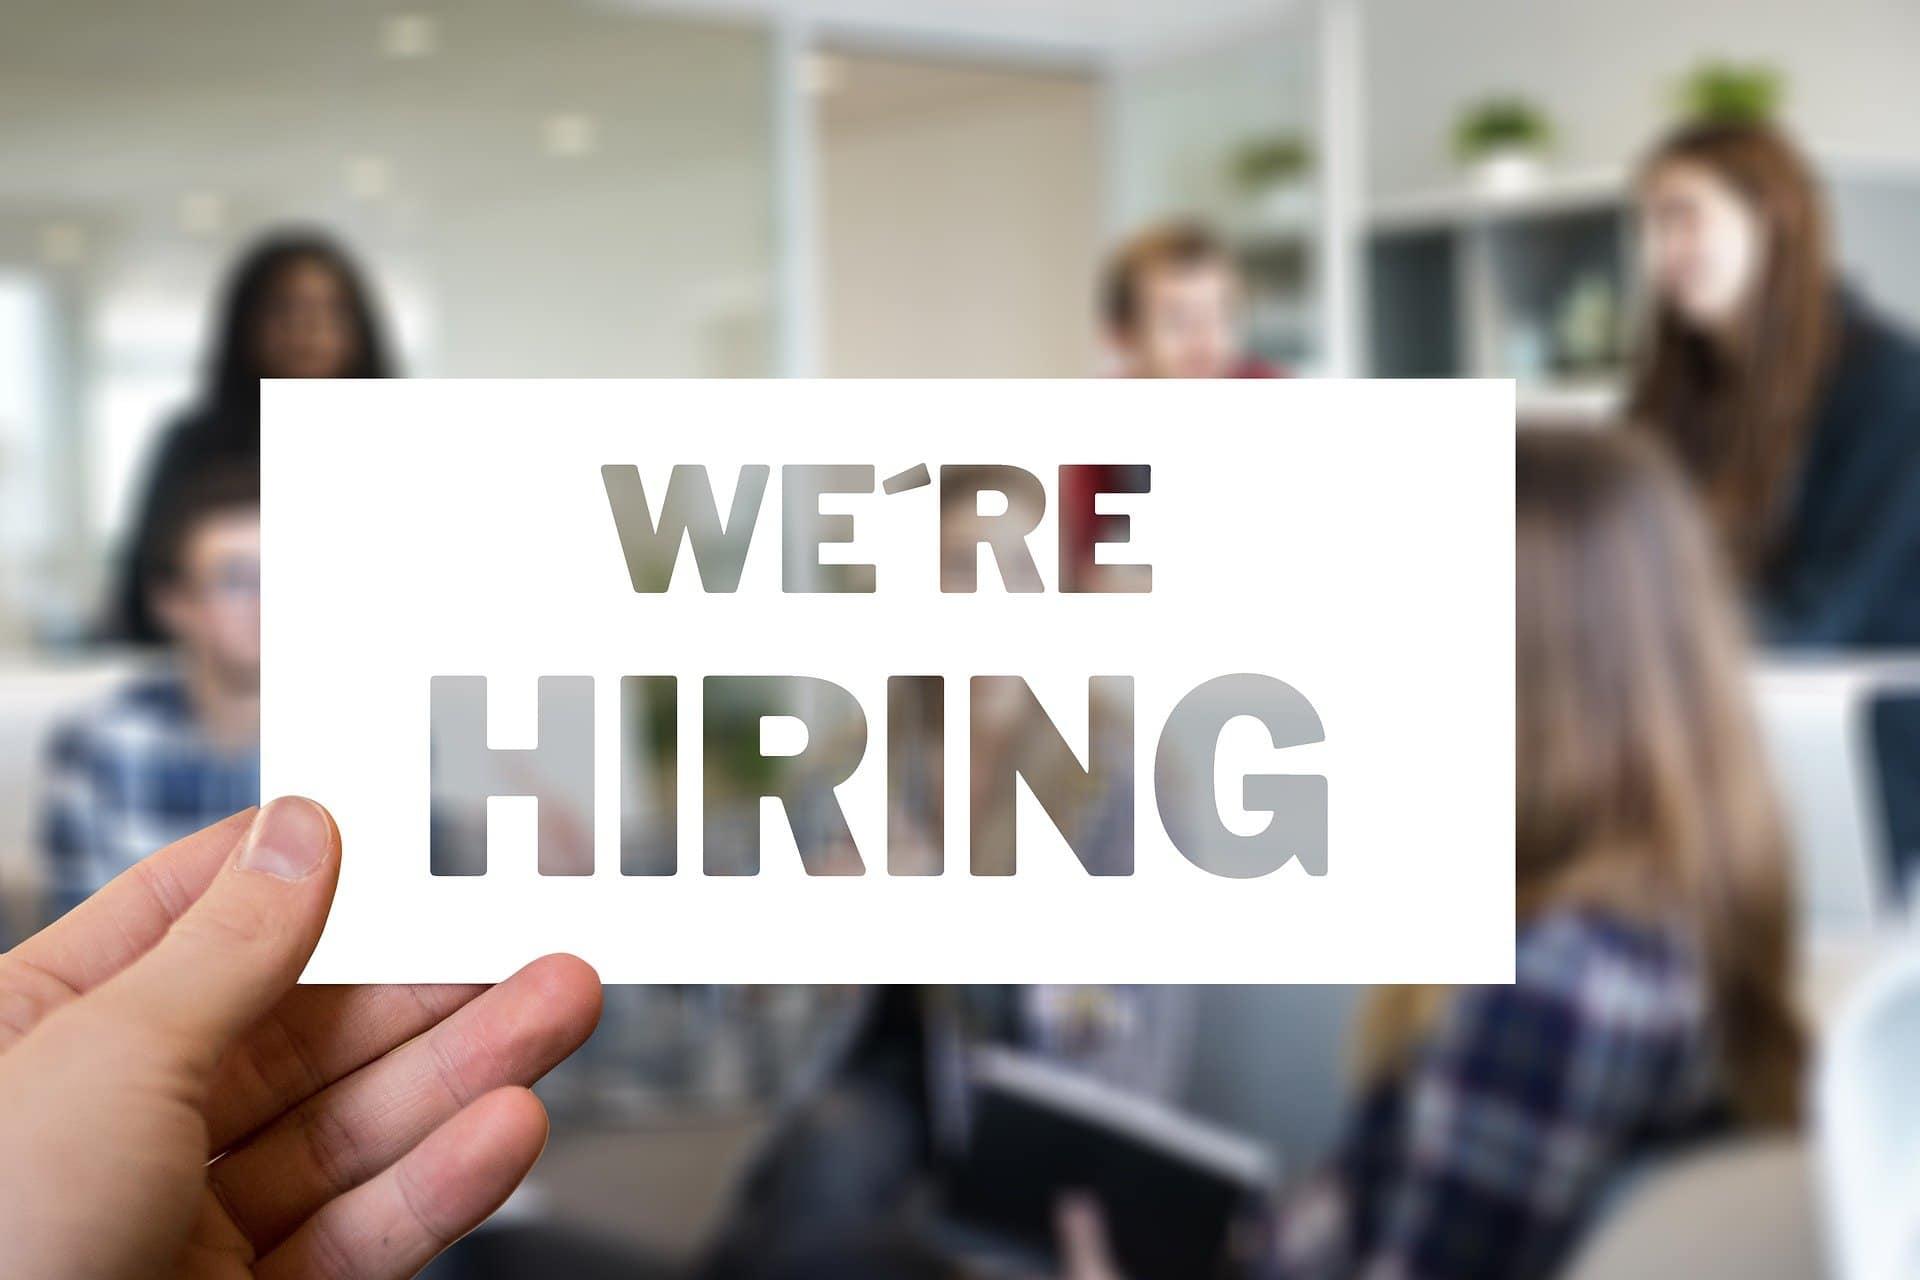 Job Jobangebot Stellenangebot Arbeitsplatz Jobsuche - (c) Pixabay